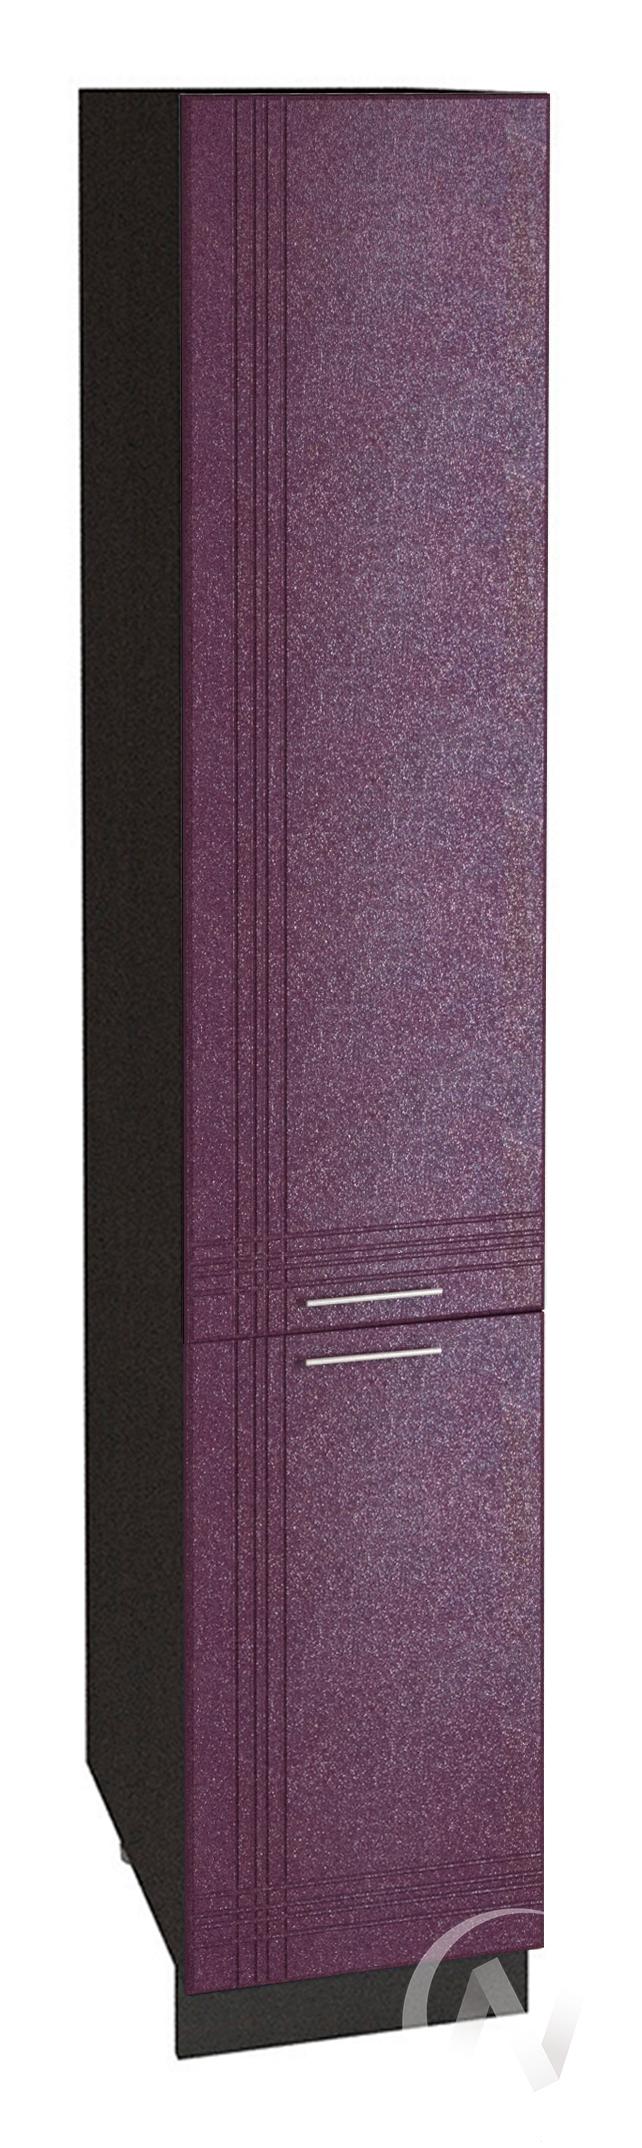 """Кухня """"Струна"""": Шкаф пенал 400, ШП 400 (фиолетовый металлик/корпус венге)"""